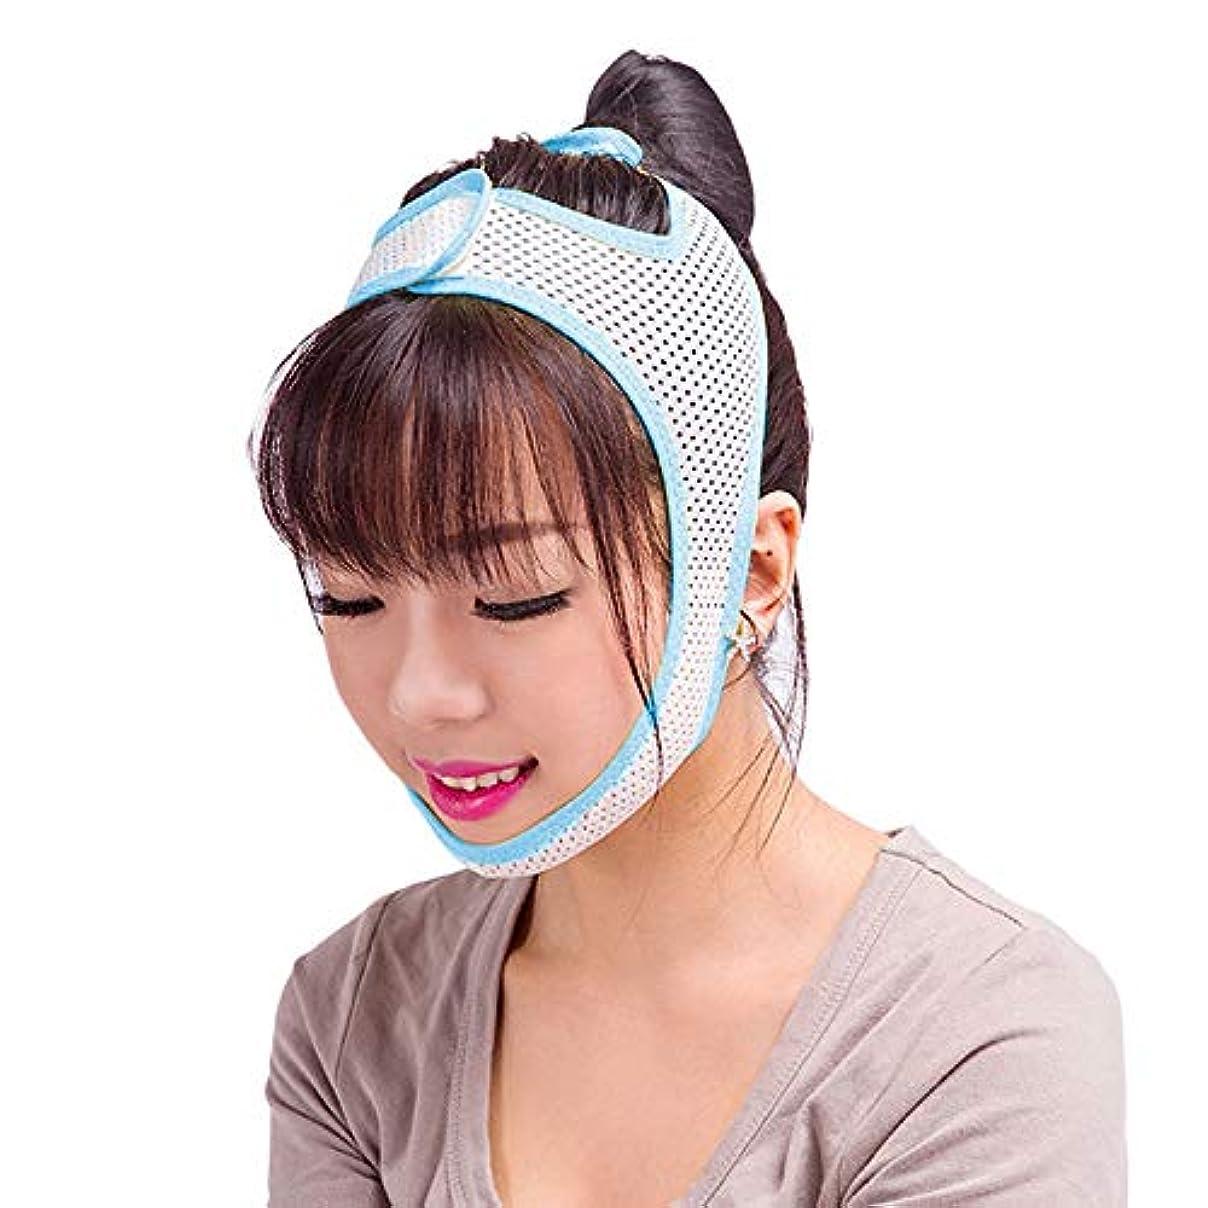 野生下る脈拍超薄型の フェイスリフト包帯、フェイスリフトマスク付き/プル二重あご咬合法則パターン(青と白),M